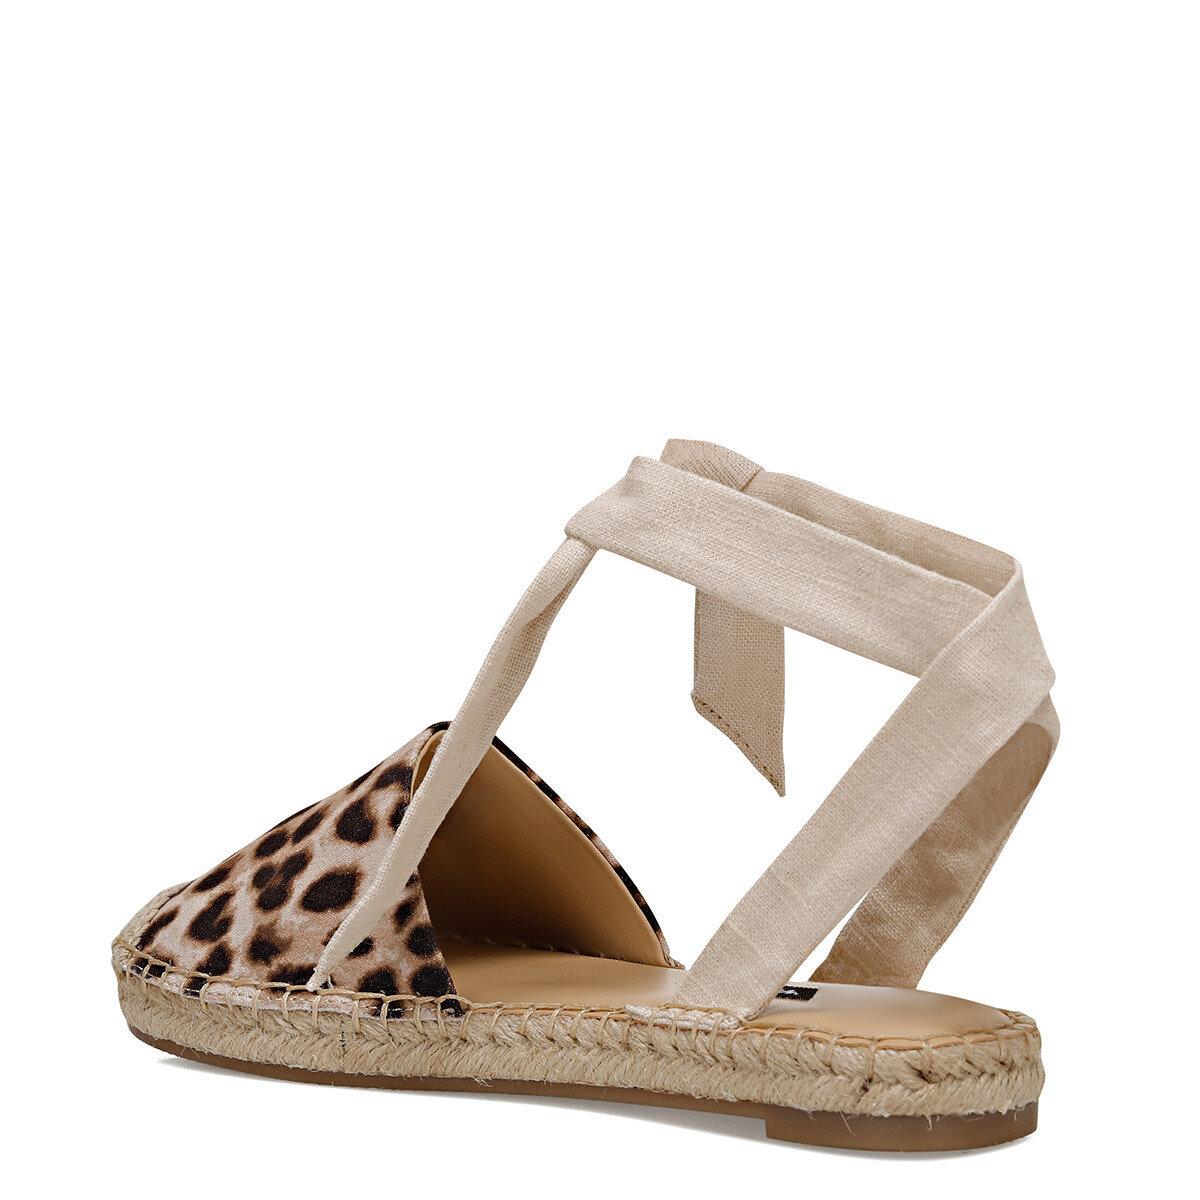 MORE2-A Krem Kadın Espadril Ayakkabı